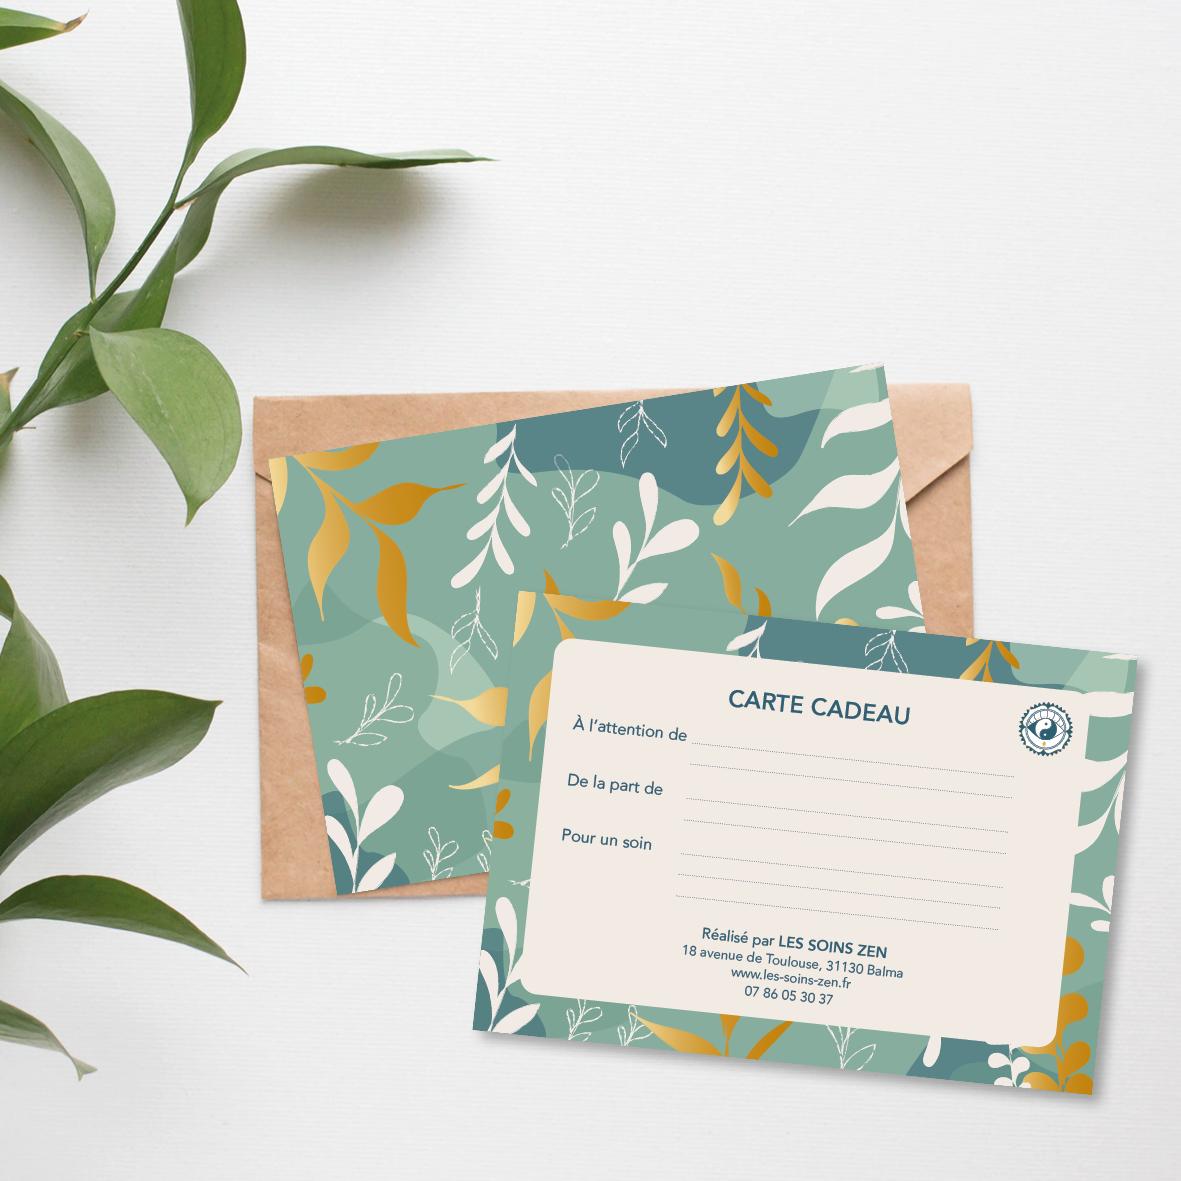 Carte cadeau Les Soins Zen